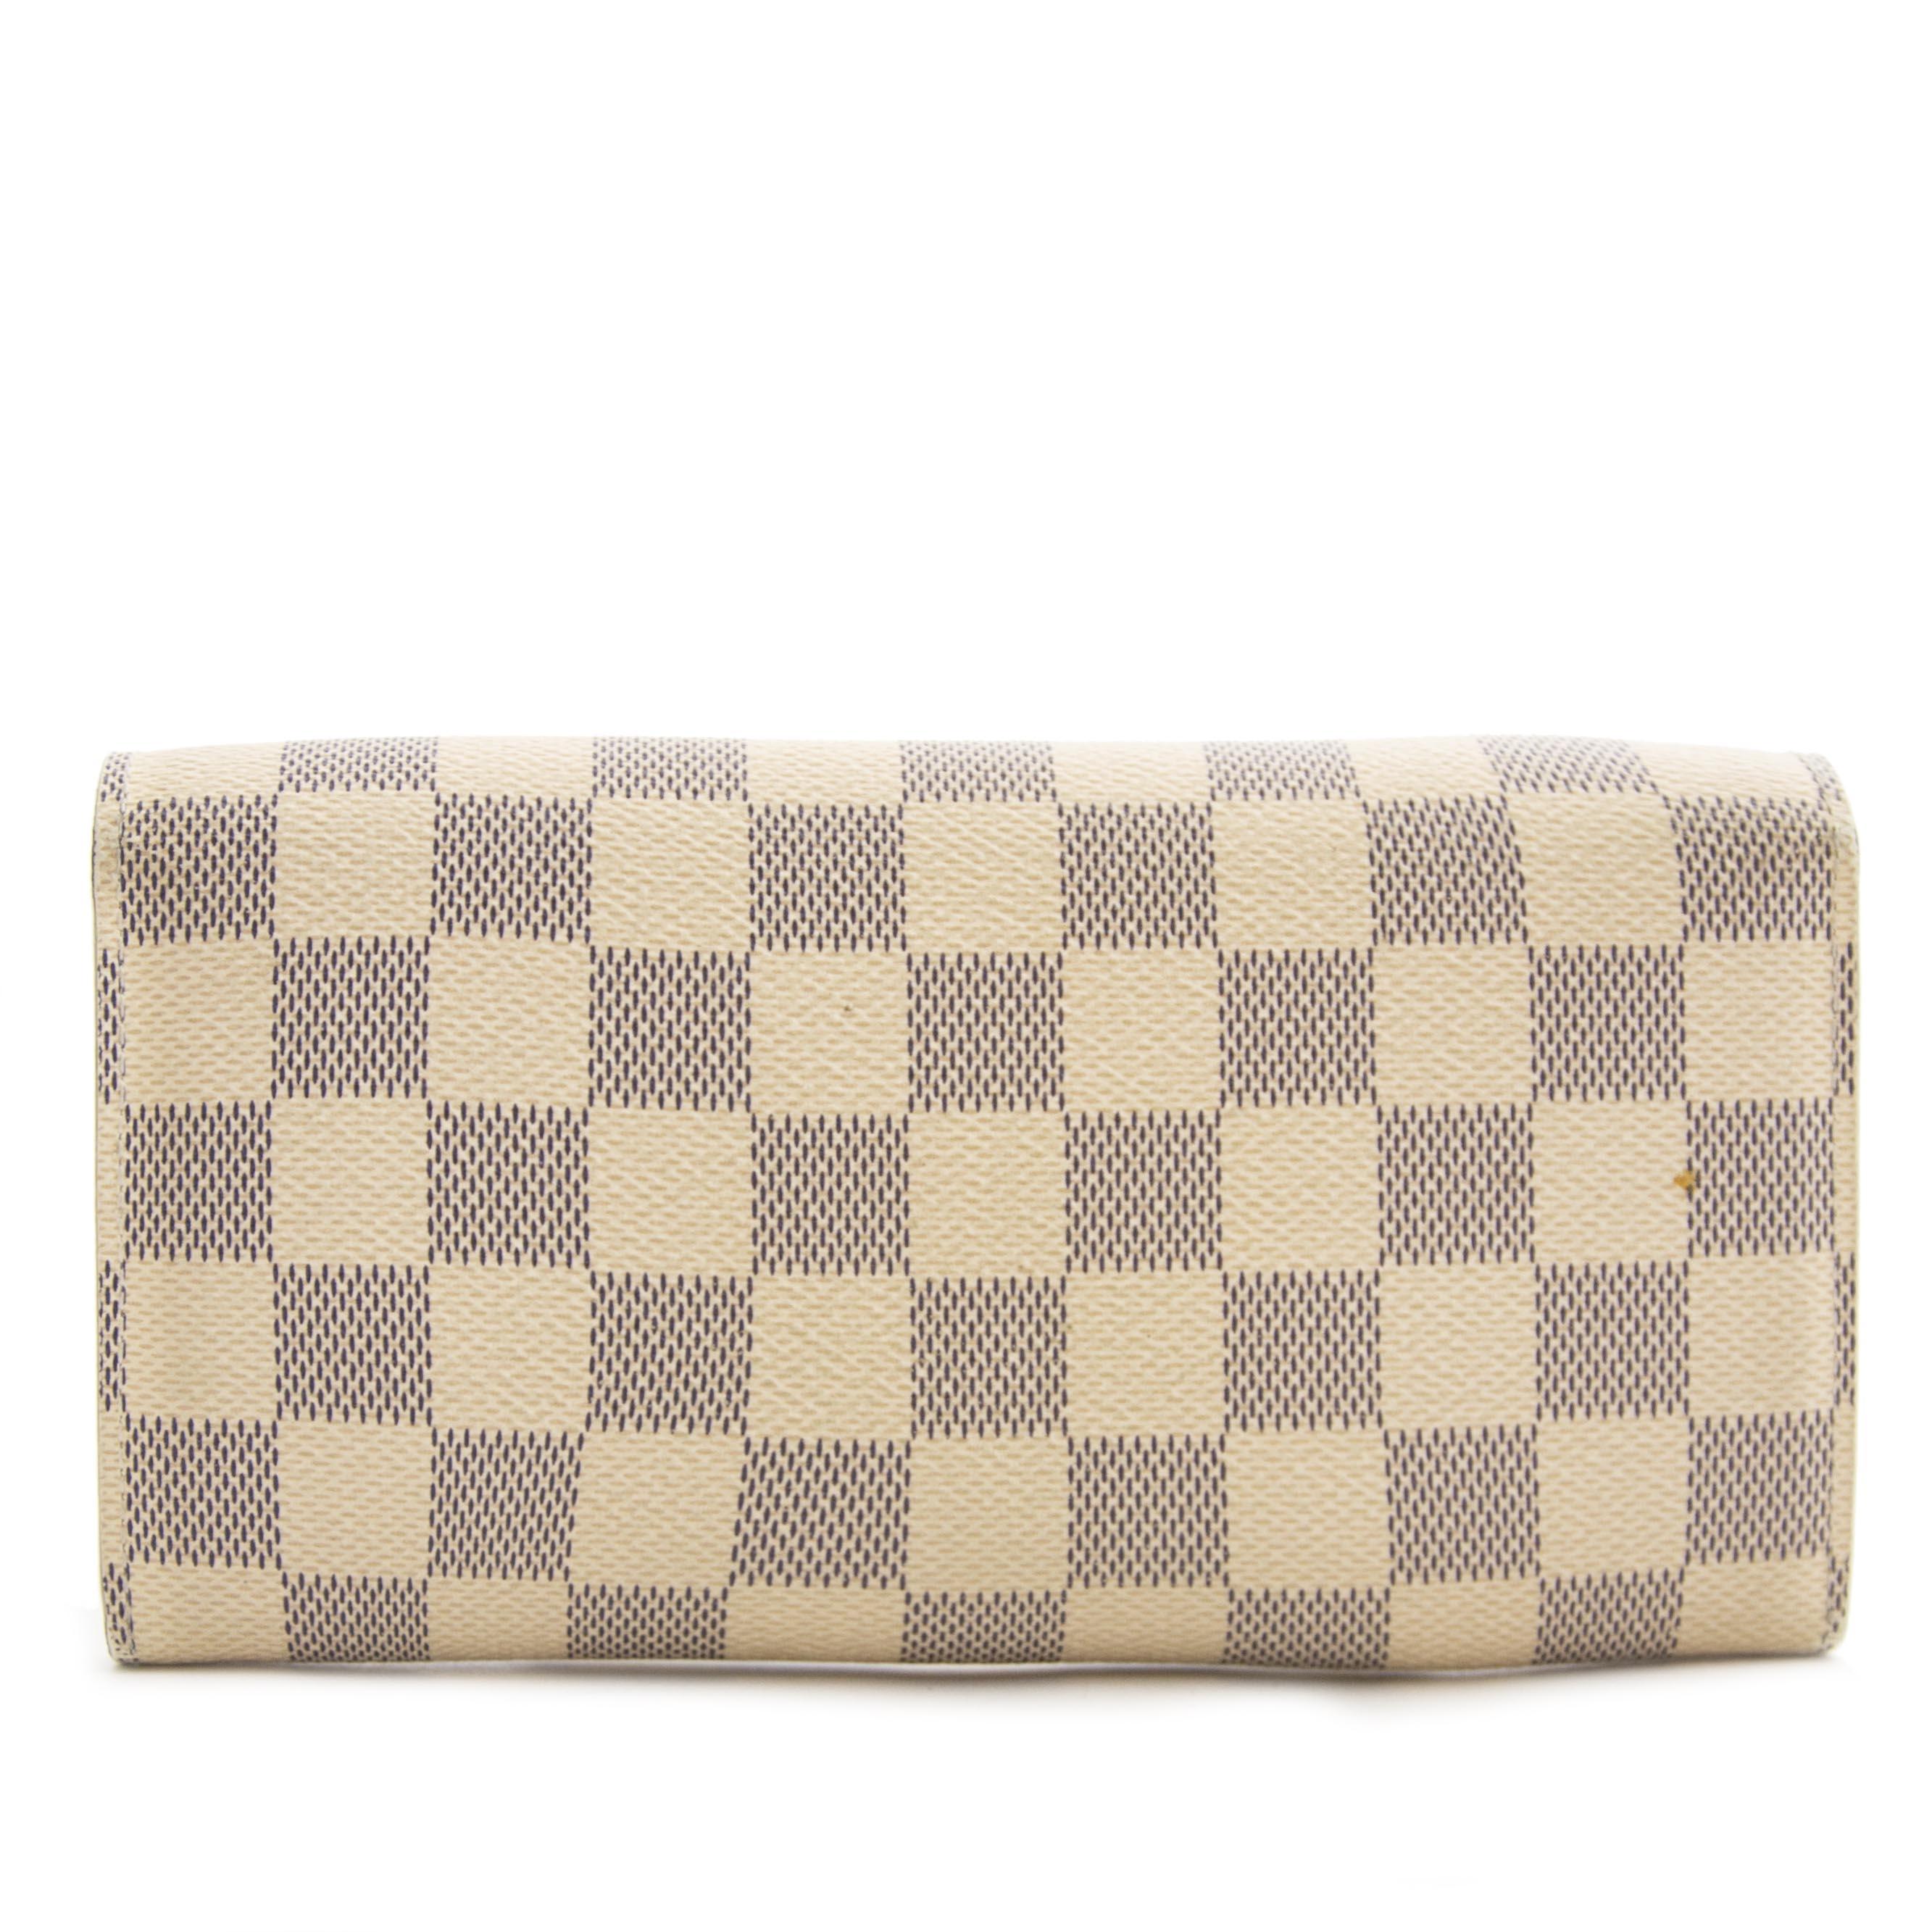 ac41b98f9f76 ... sale online at Labellov secondhand luxury in Antwerp Louis Vuitton  Sarah Damier Azur Wallet kopen aan de beste prijs